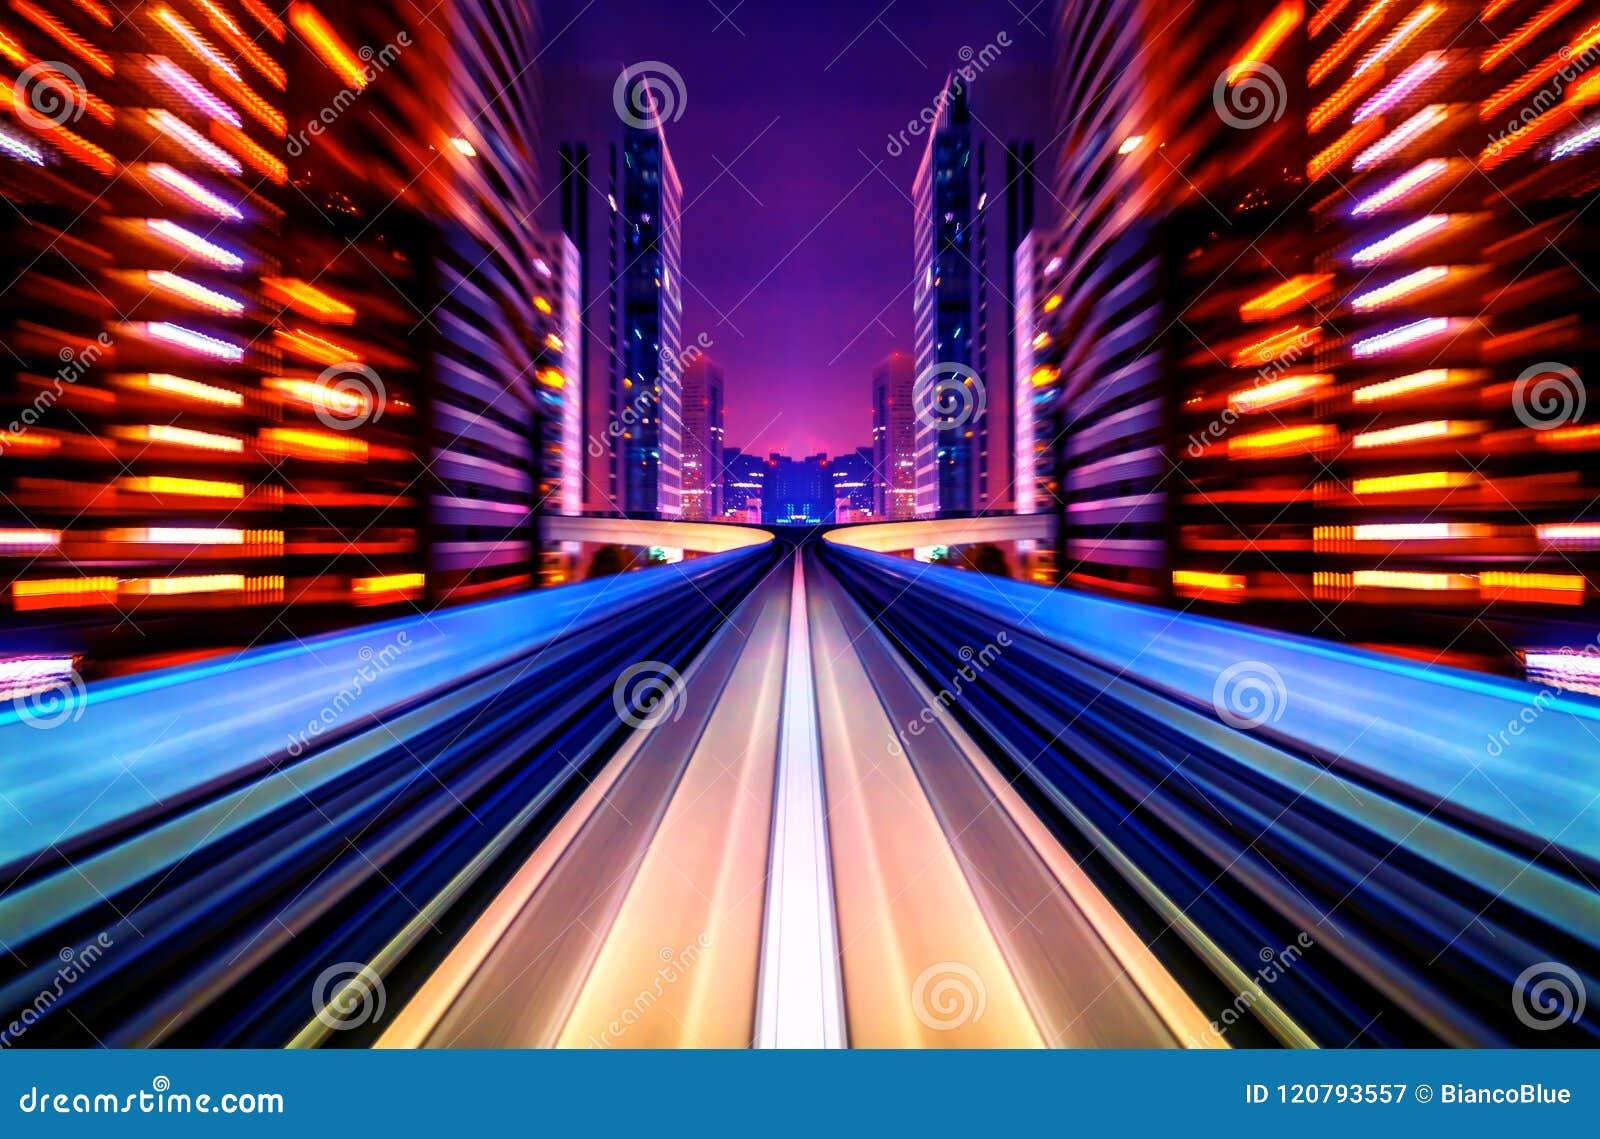 Véhicule de tache floue de mouvement futur se déplaçant dans la route urbaine ou le rail